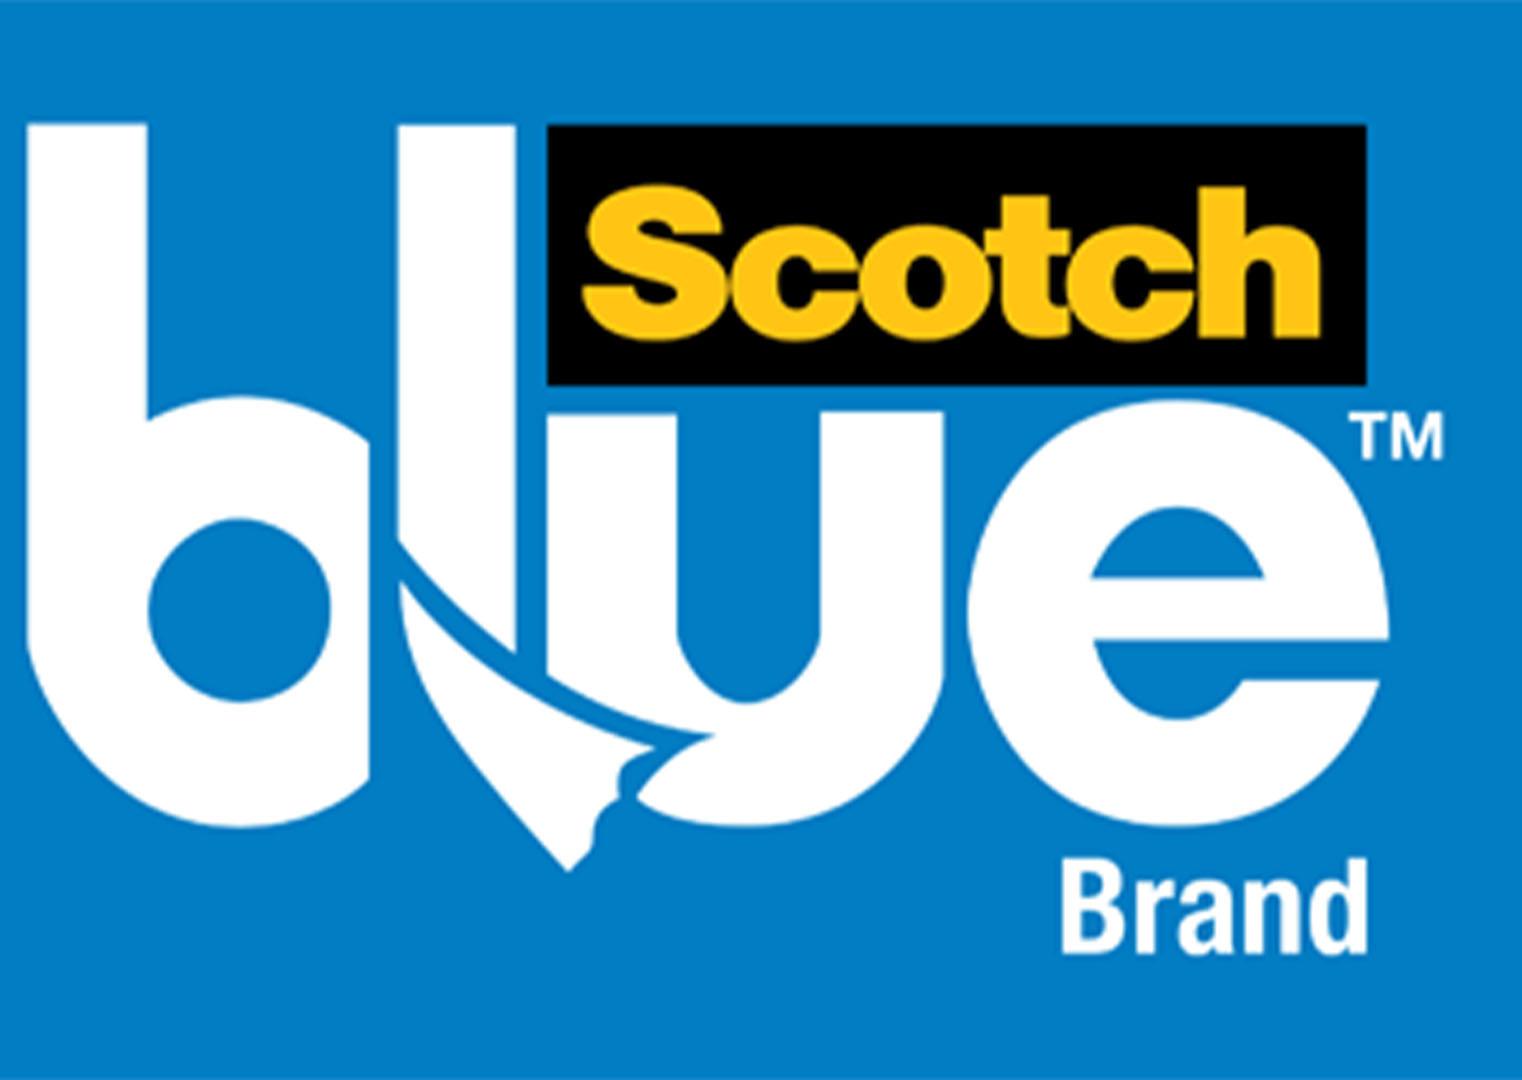 ScotchBlue™